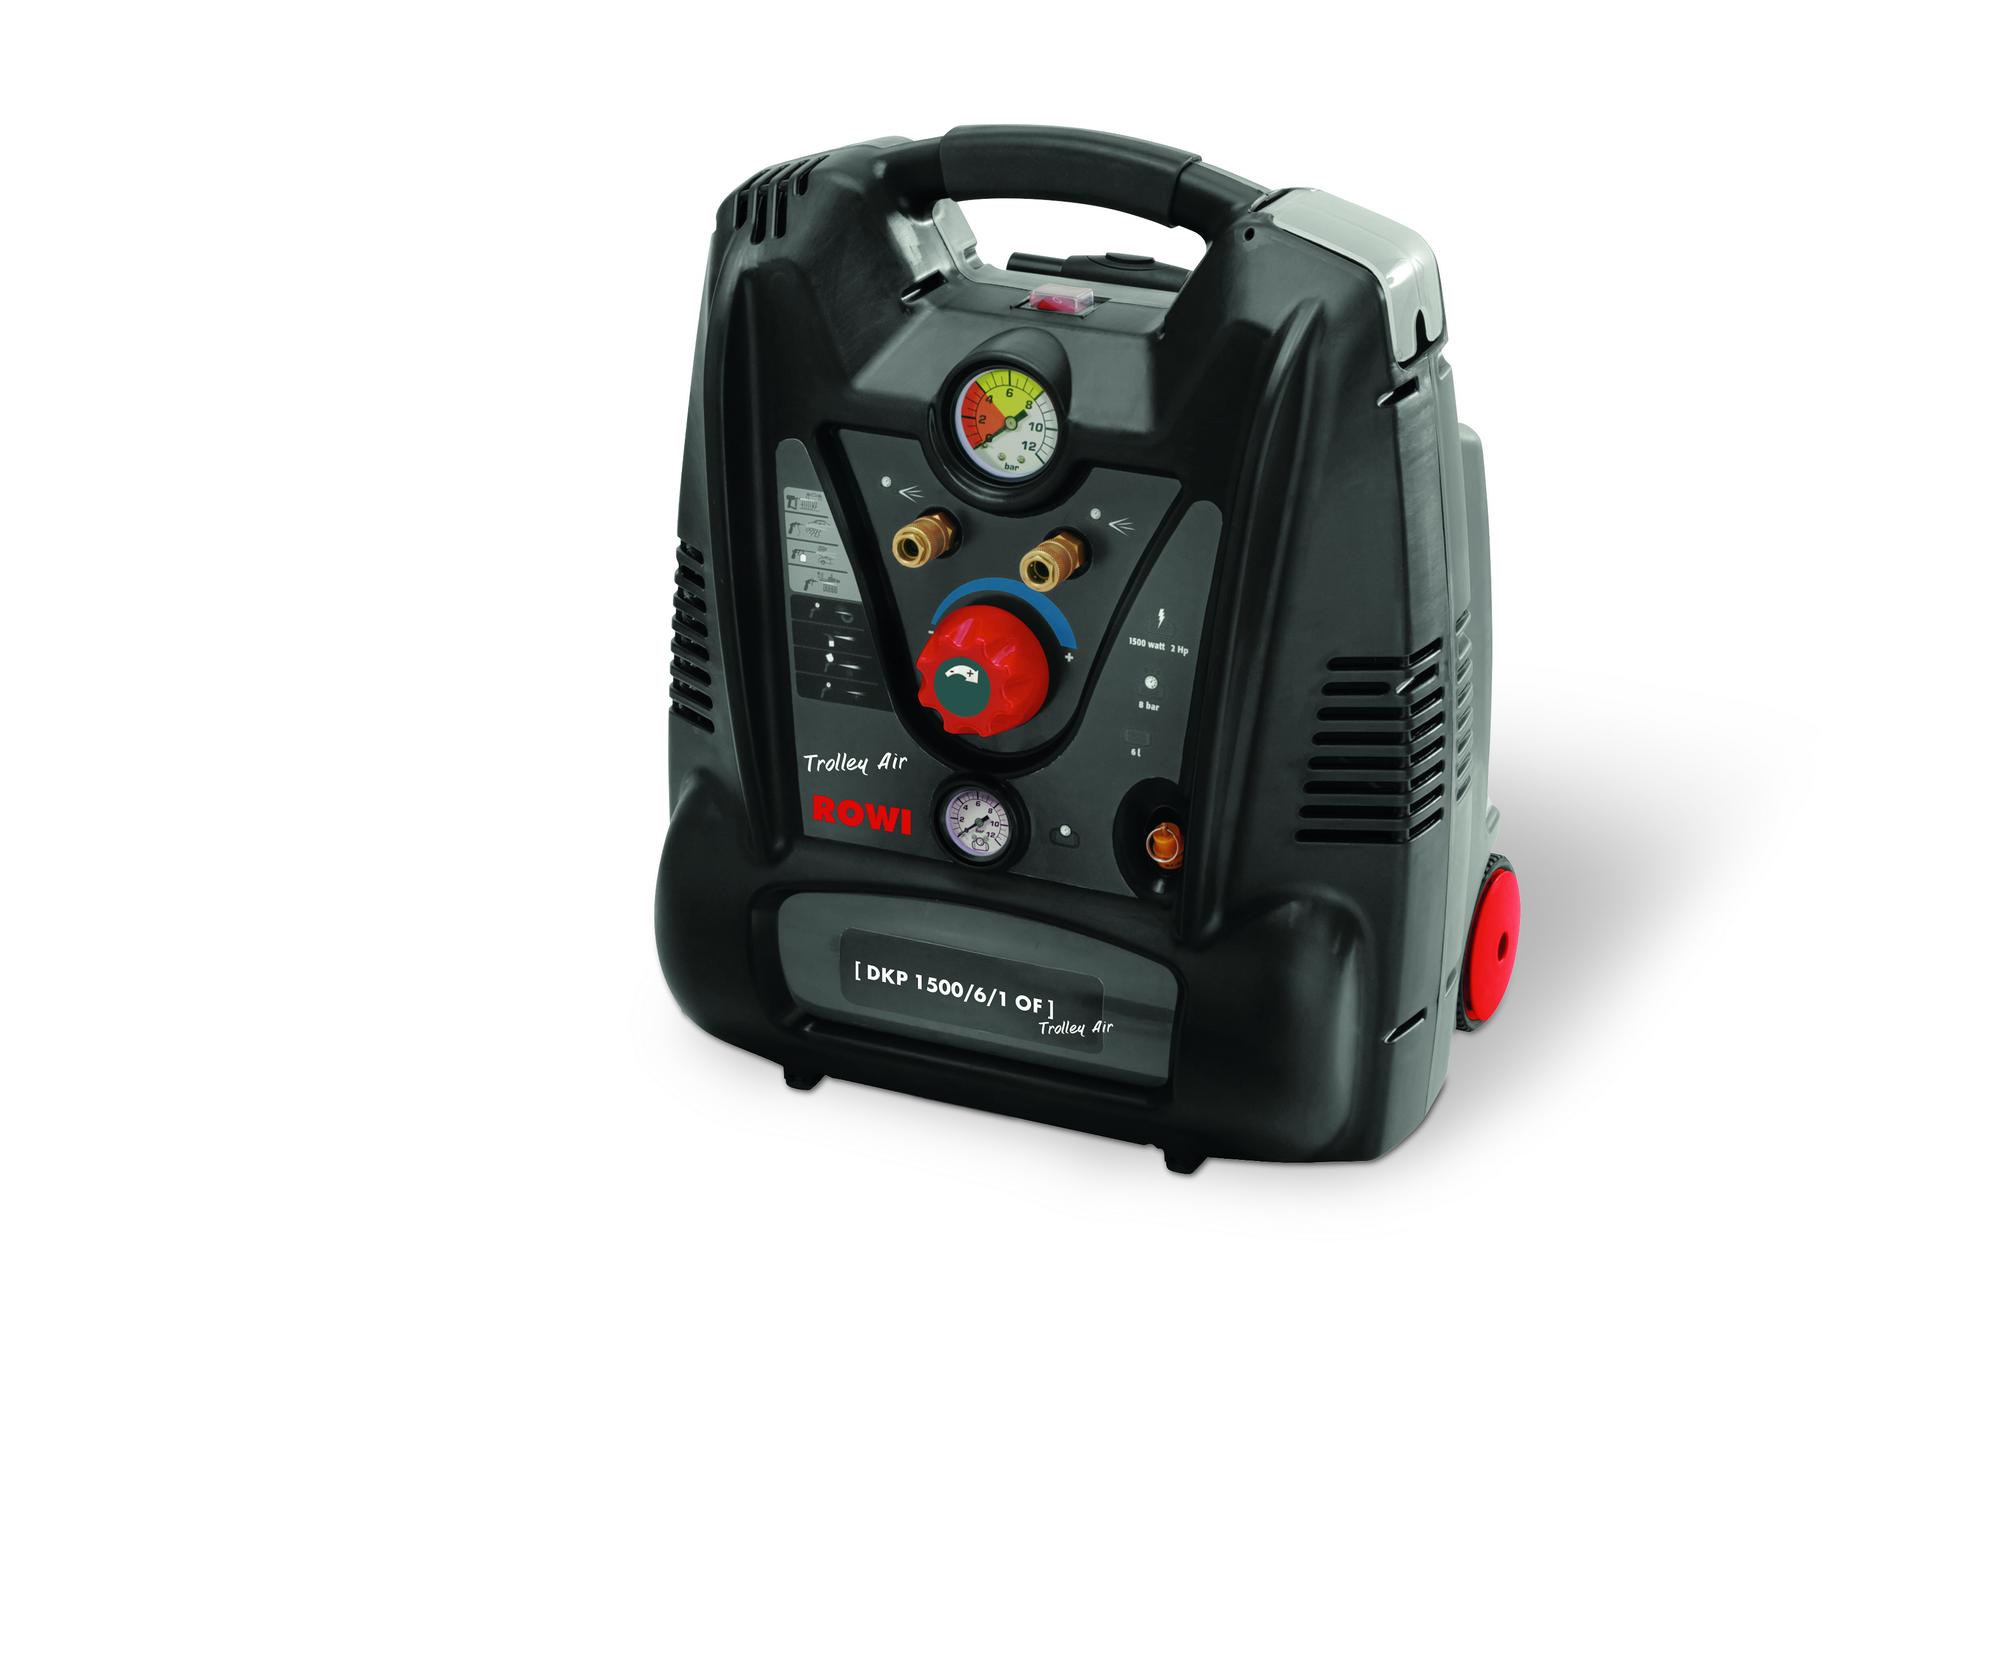 Bosch Laser Entfernungsmesser Toom : Elektrowerkzeuge ǀ toom baumarkt